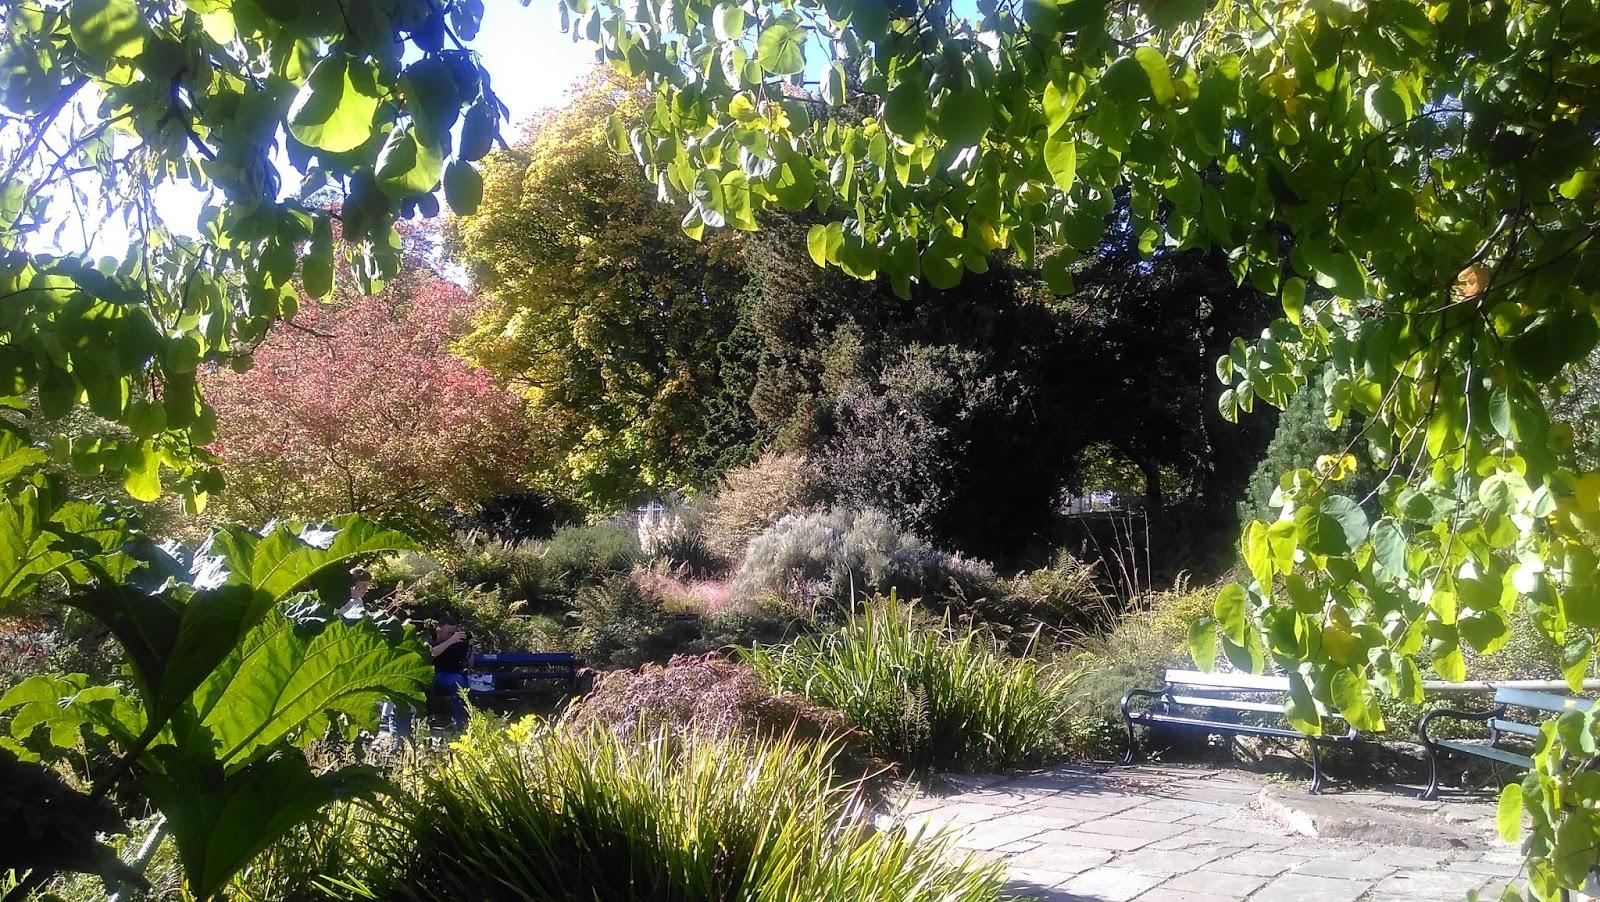 essay about gardening gardening karma compass val bourne the  gwenfar s garden and other musings photo essay sheffield photo essay sheffield botanical gardens in autumn